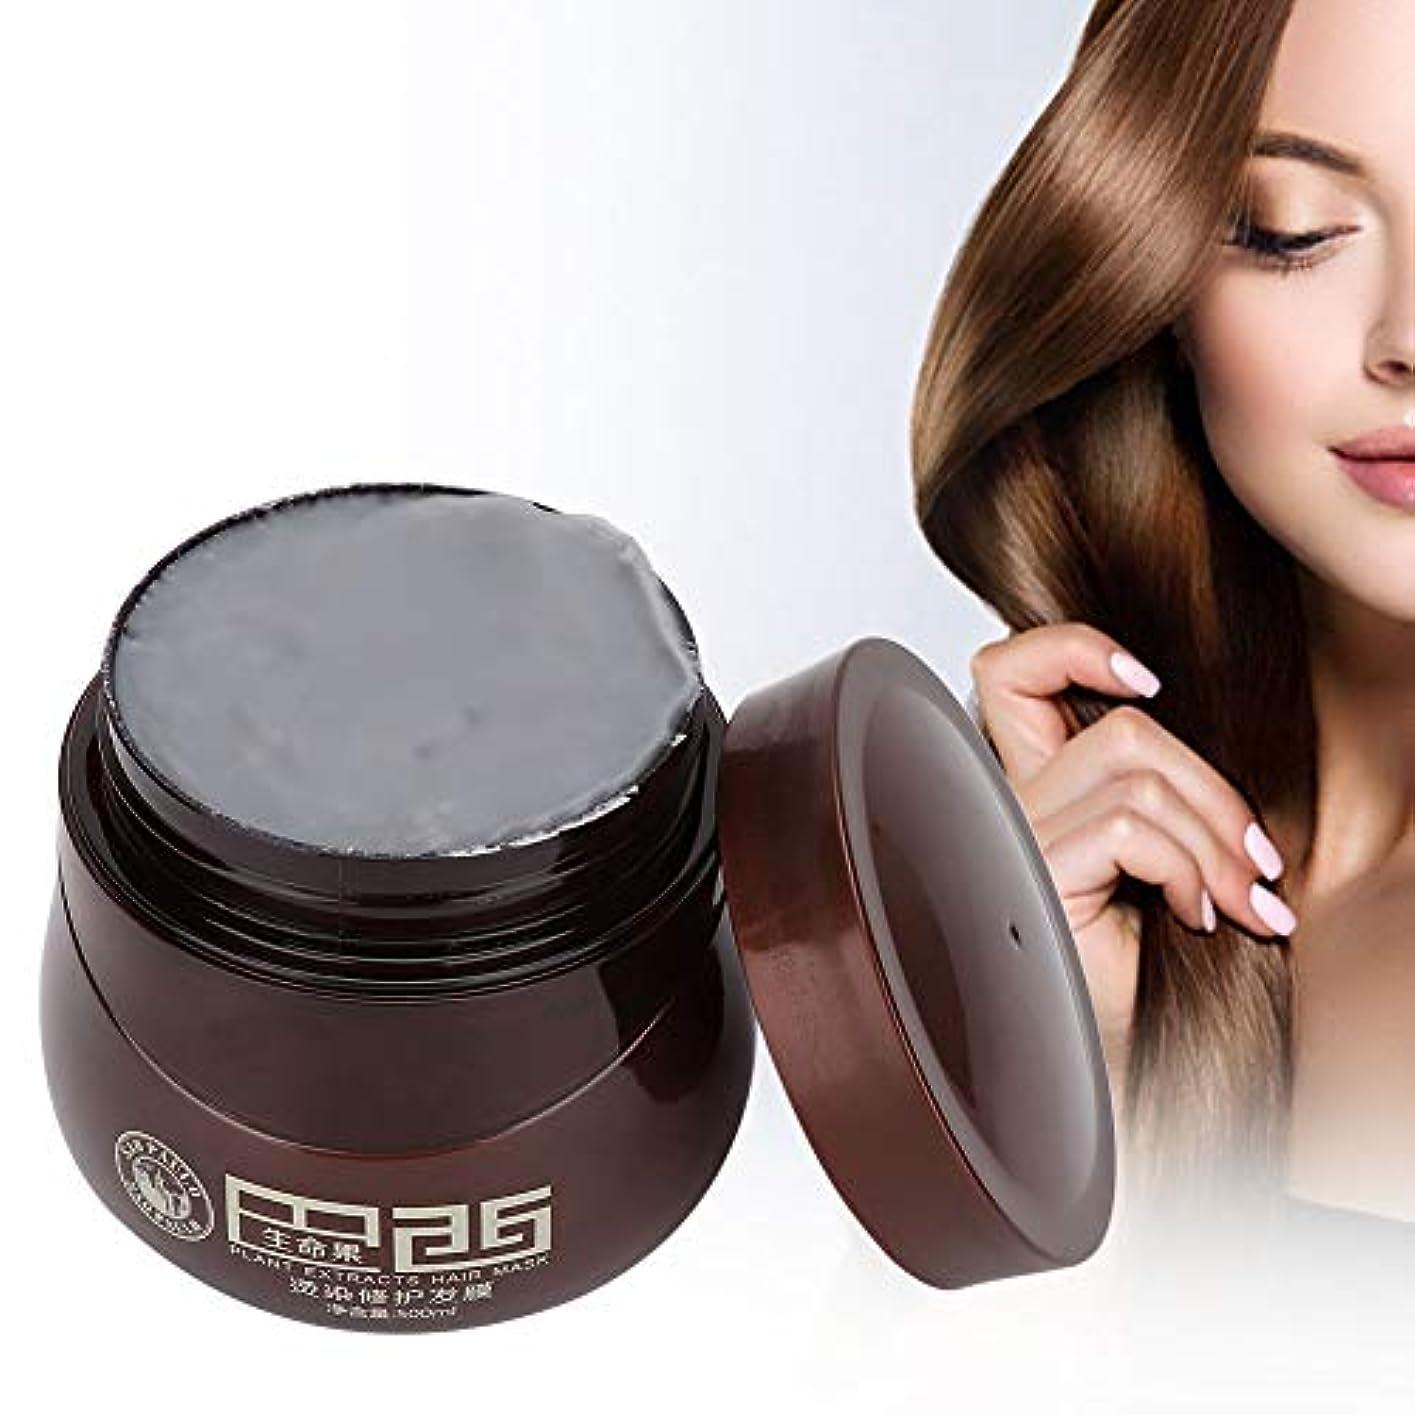 トレイル歯車速度ヘアマスク、染毛剤ダメージヘアナリッシングリペアマスクトリートメントコンディショナープロのヘアサロンや家庭での使用に最適500ml